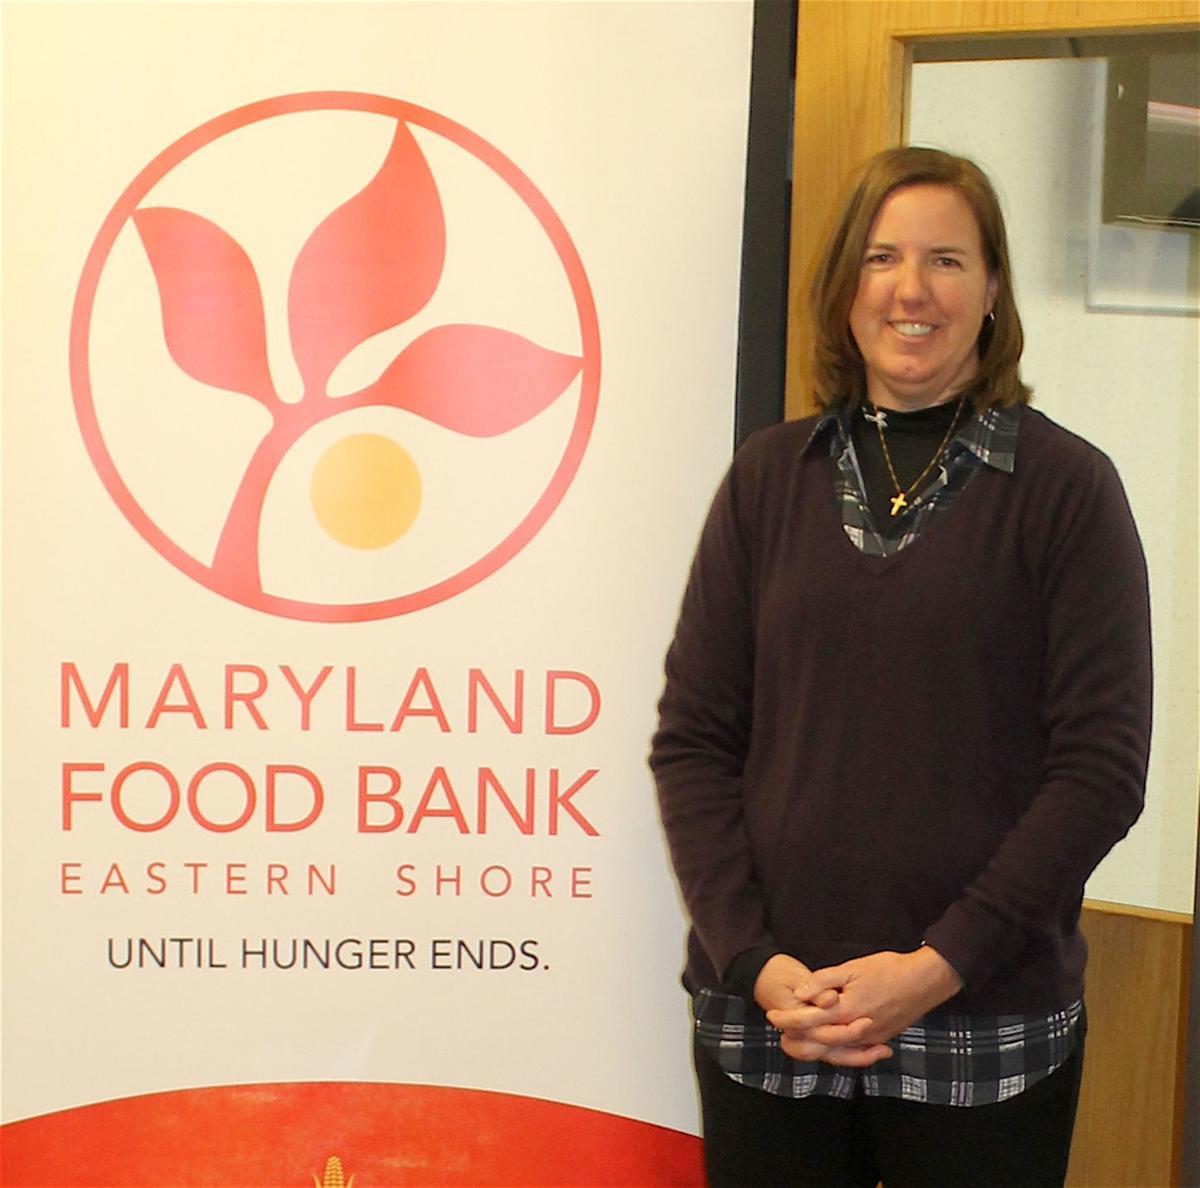 Amy Cawley Maryland Food Bank